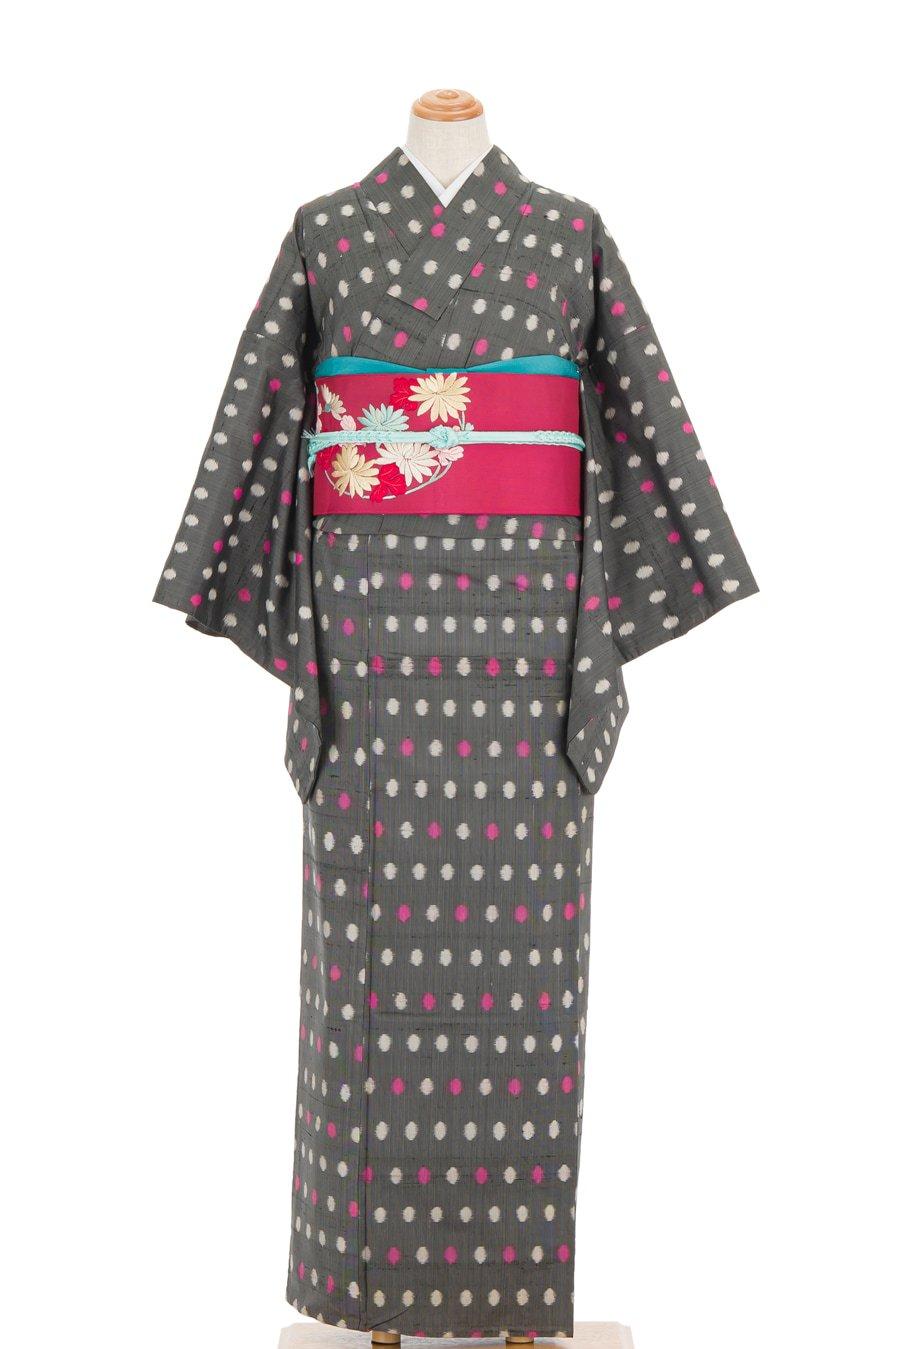 「単衣 アンティーク着物 水玉ドット」の商品画像